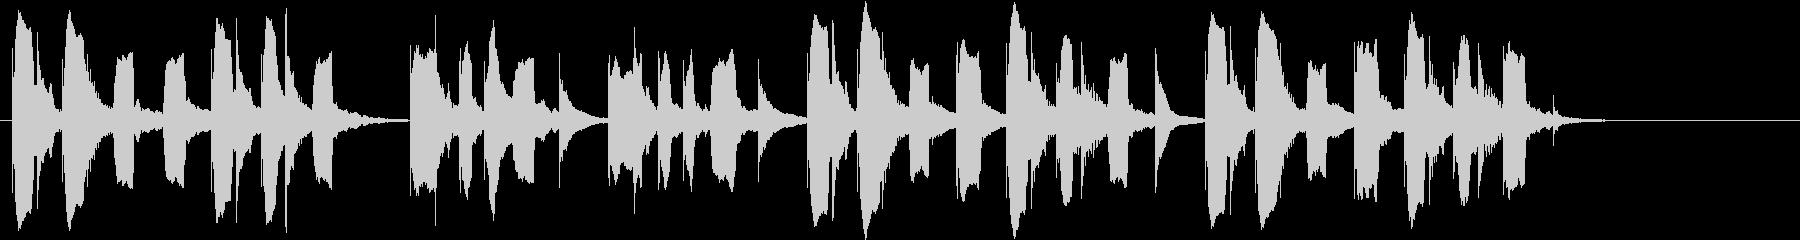 りこーダーがメインのほのぼのしたジングルの未再生の波形